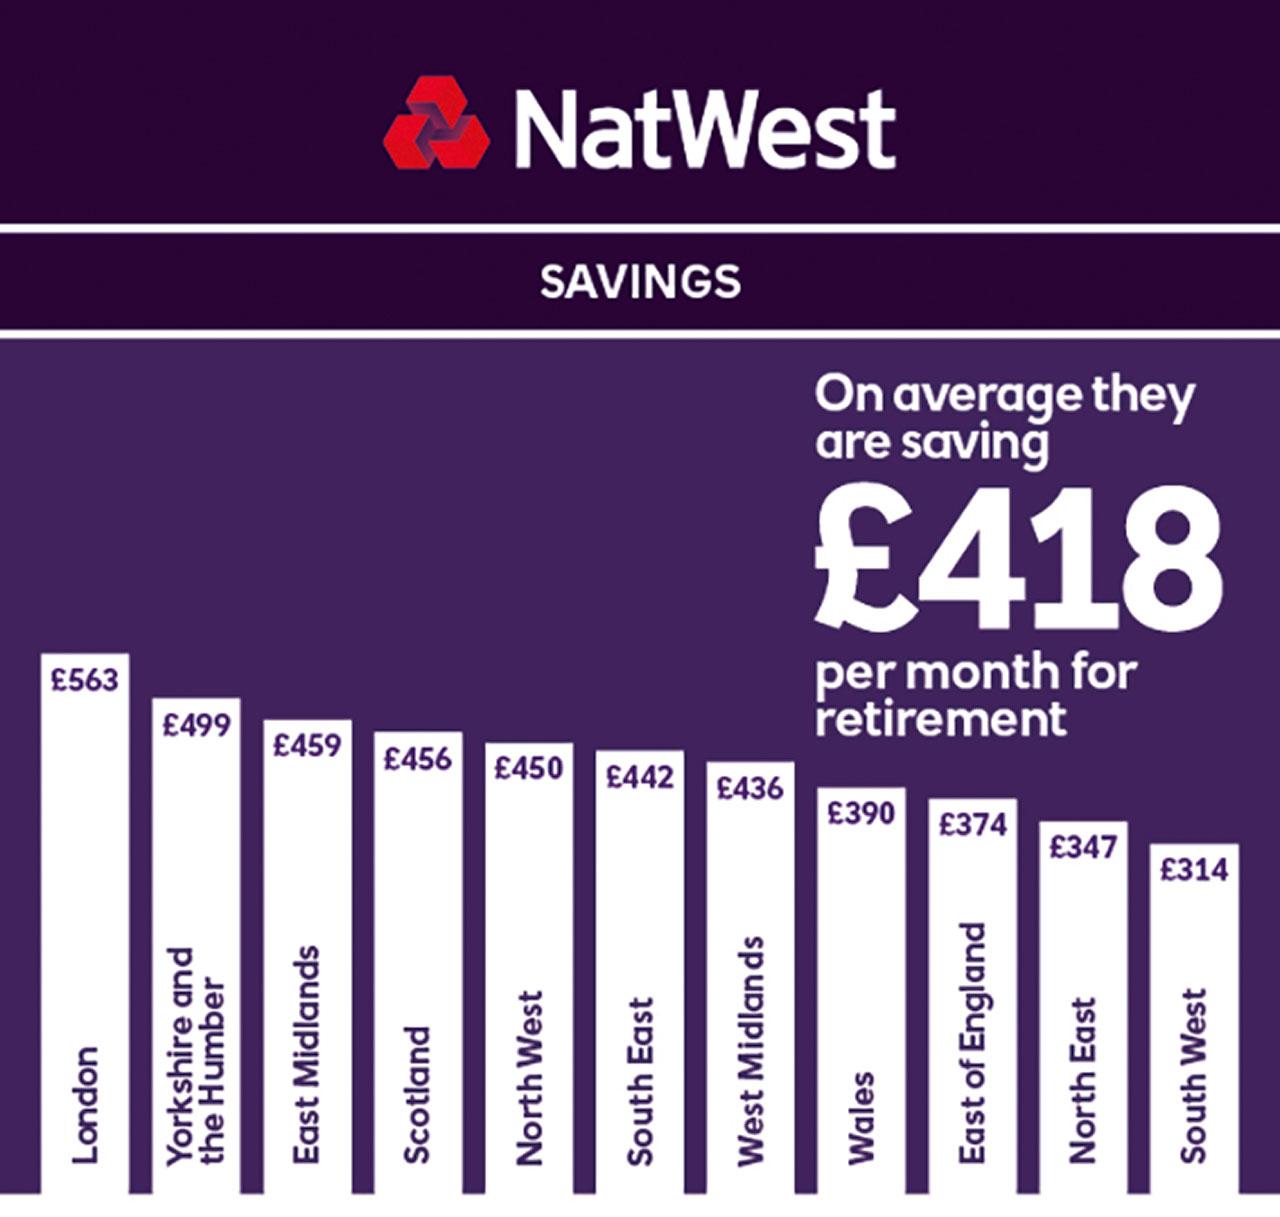 NatWest Premier Regional Savings CMYK